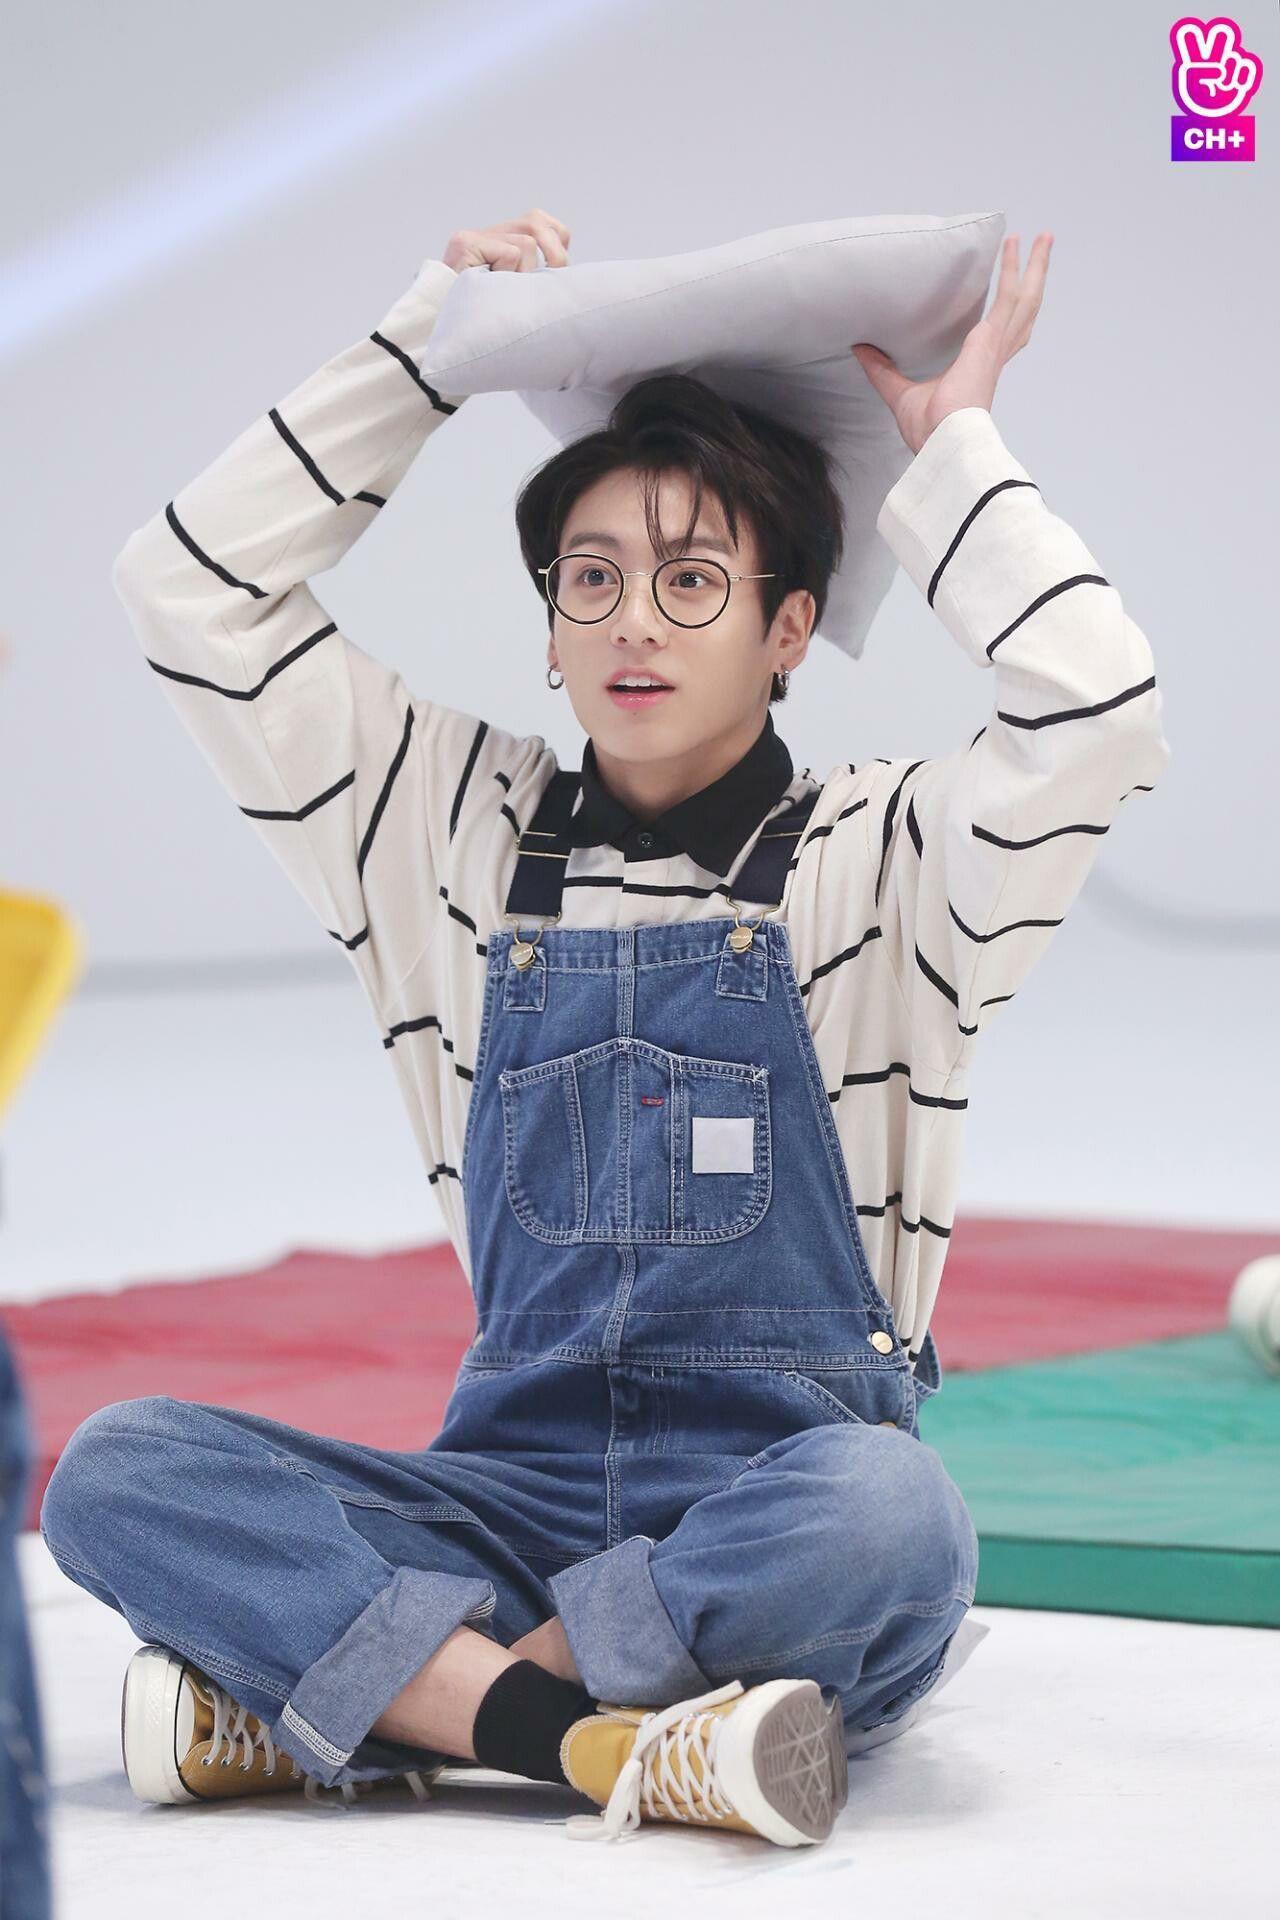 Bts Run 30 31 Episode Jungkook Cute Jungkook Bts Jungkook